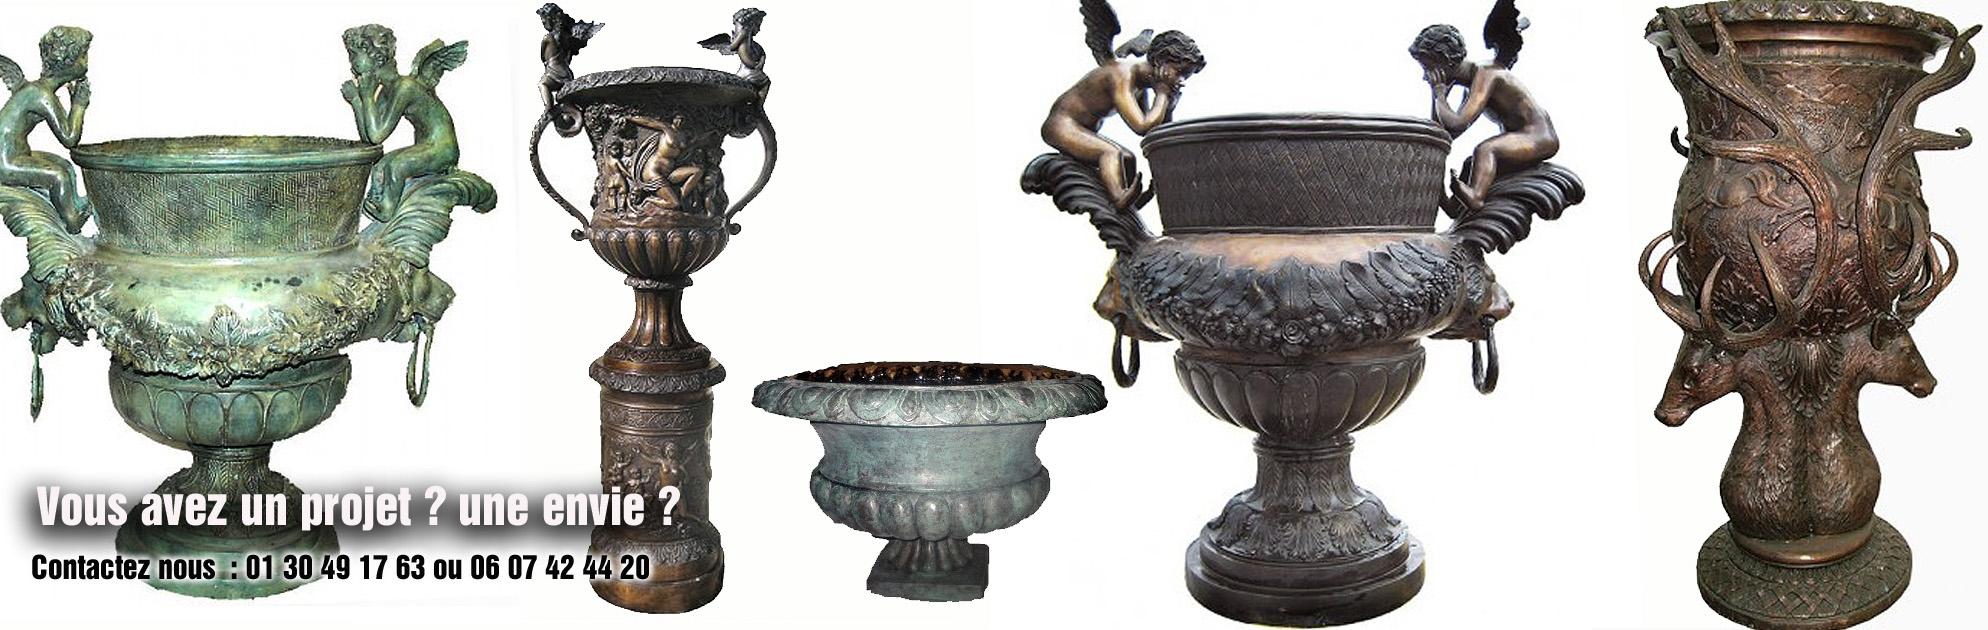 sculptures bronze vasque jardin